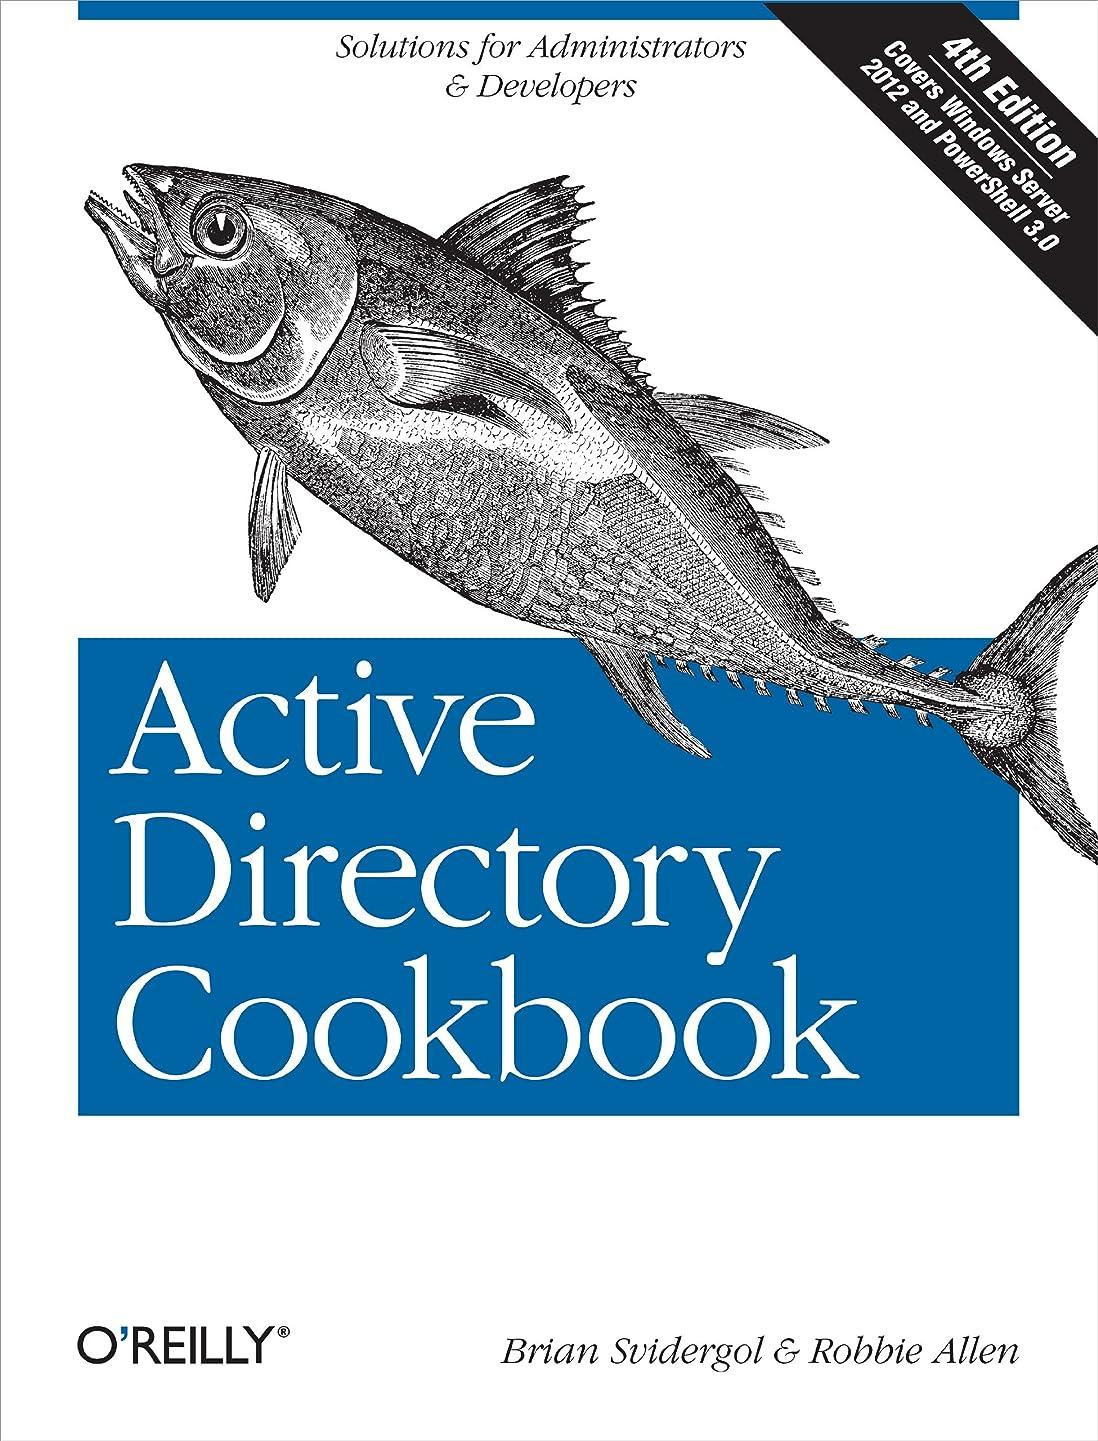 発動機寛解減らすActive Directory Cookbook: Solutions for Administrators & Developers (Cookbooks (O'Reilly)) (English Edition)